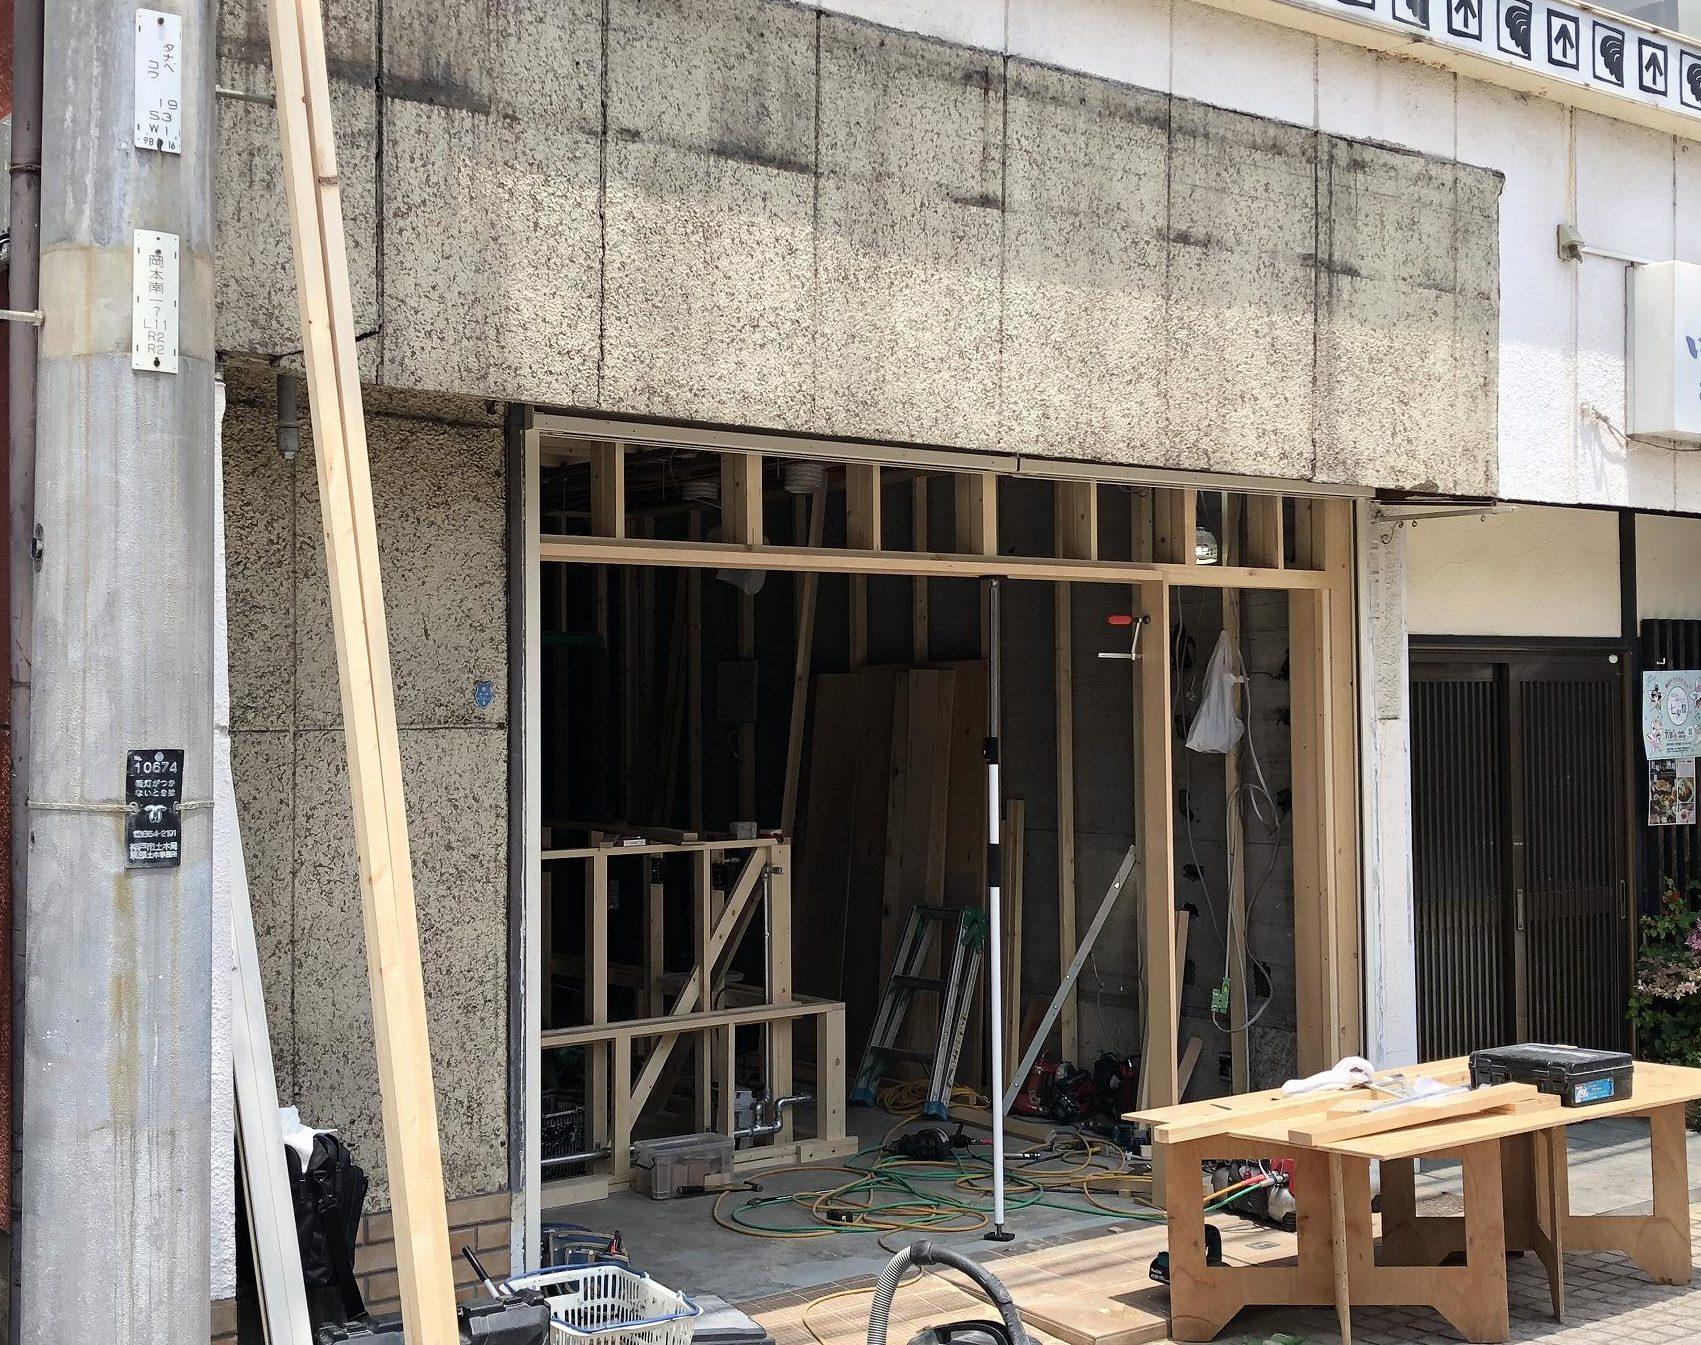 神戸・摂津本山にあった「ひつじ書房」跡に、7月焼肉屋さんがオープンする模様 #新規オープン #東灘区 #摂津本山